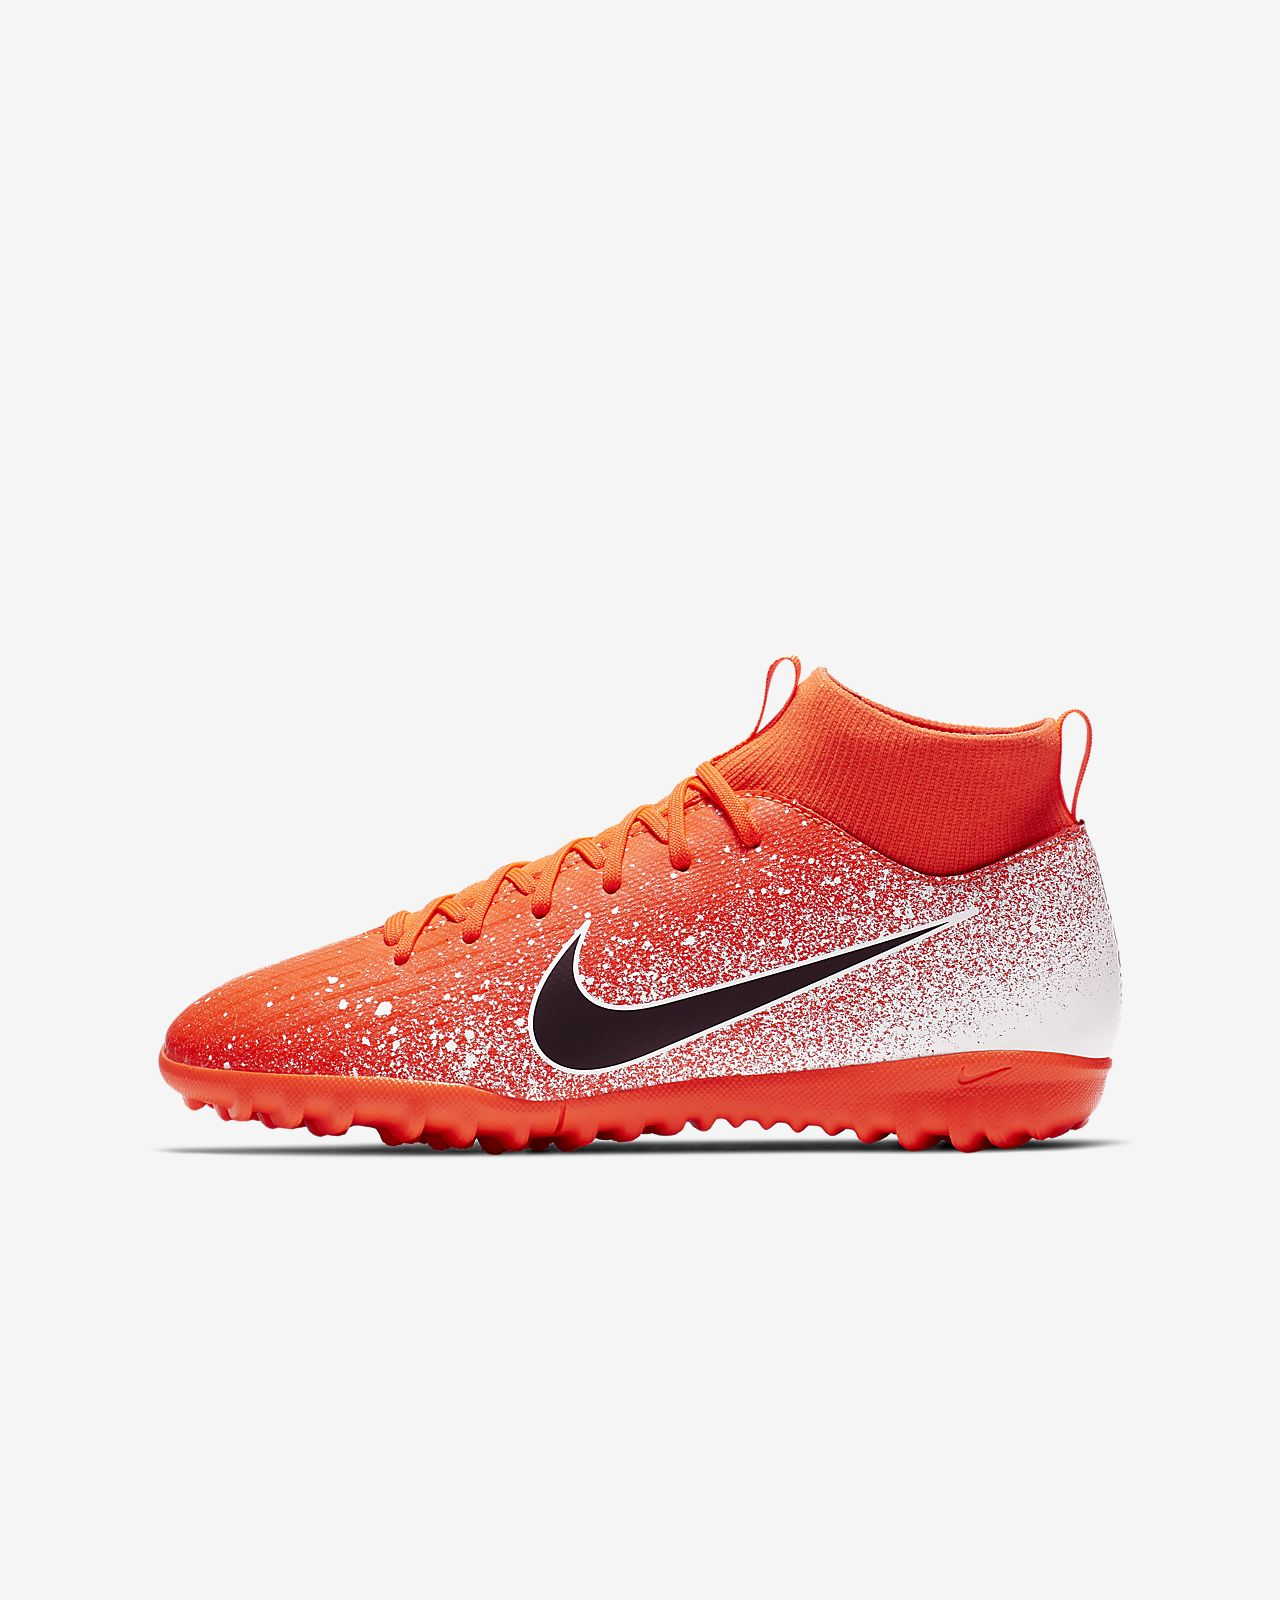 Nike Jr. SuperflyX 6 Academy TF fotballsko til grus/turf til små/store barn